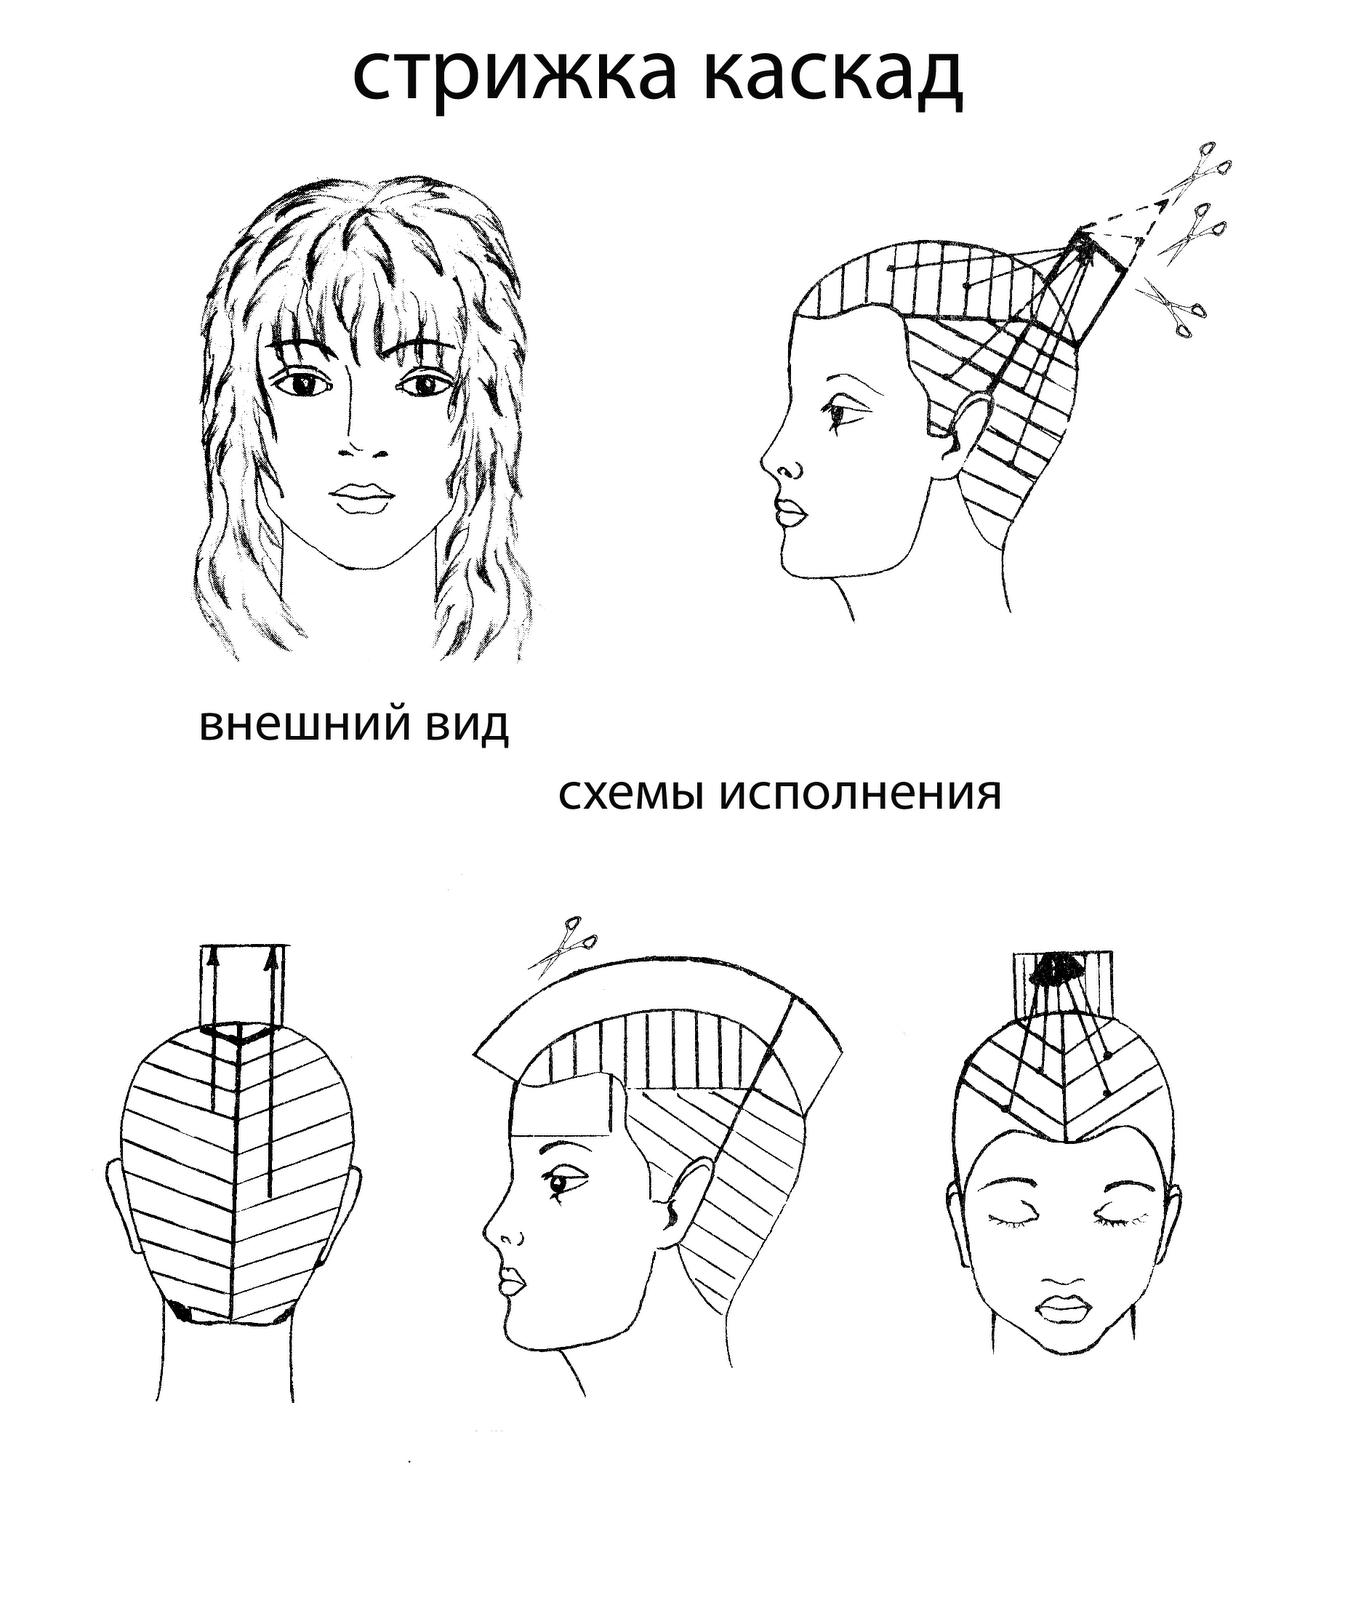 Схема стрижки каскад на длинные волосы без челки